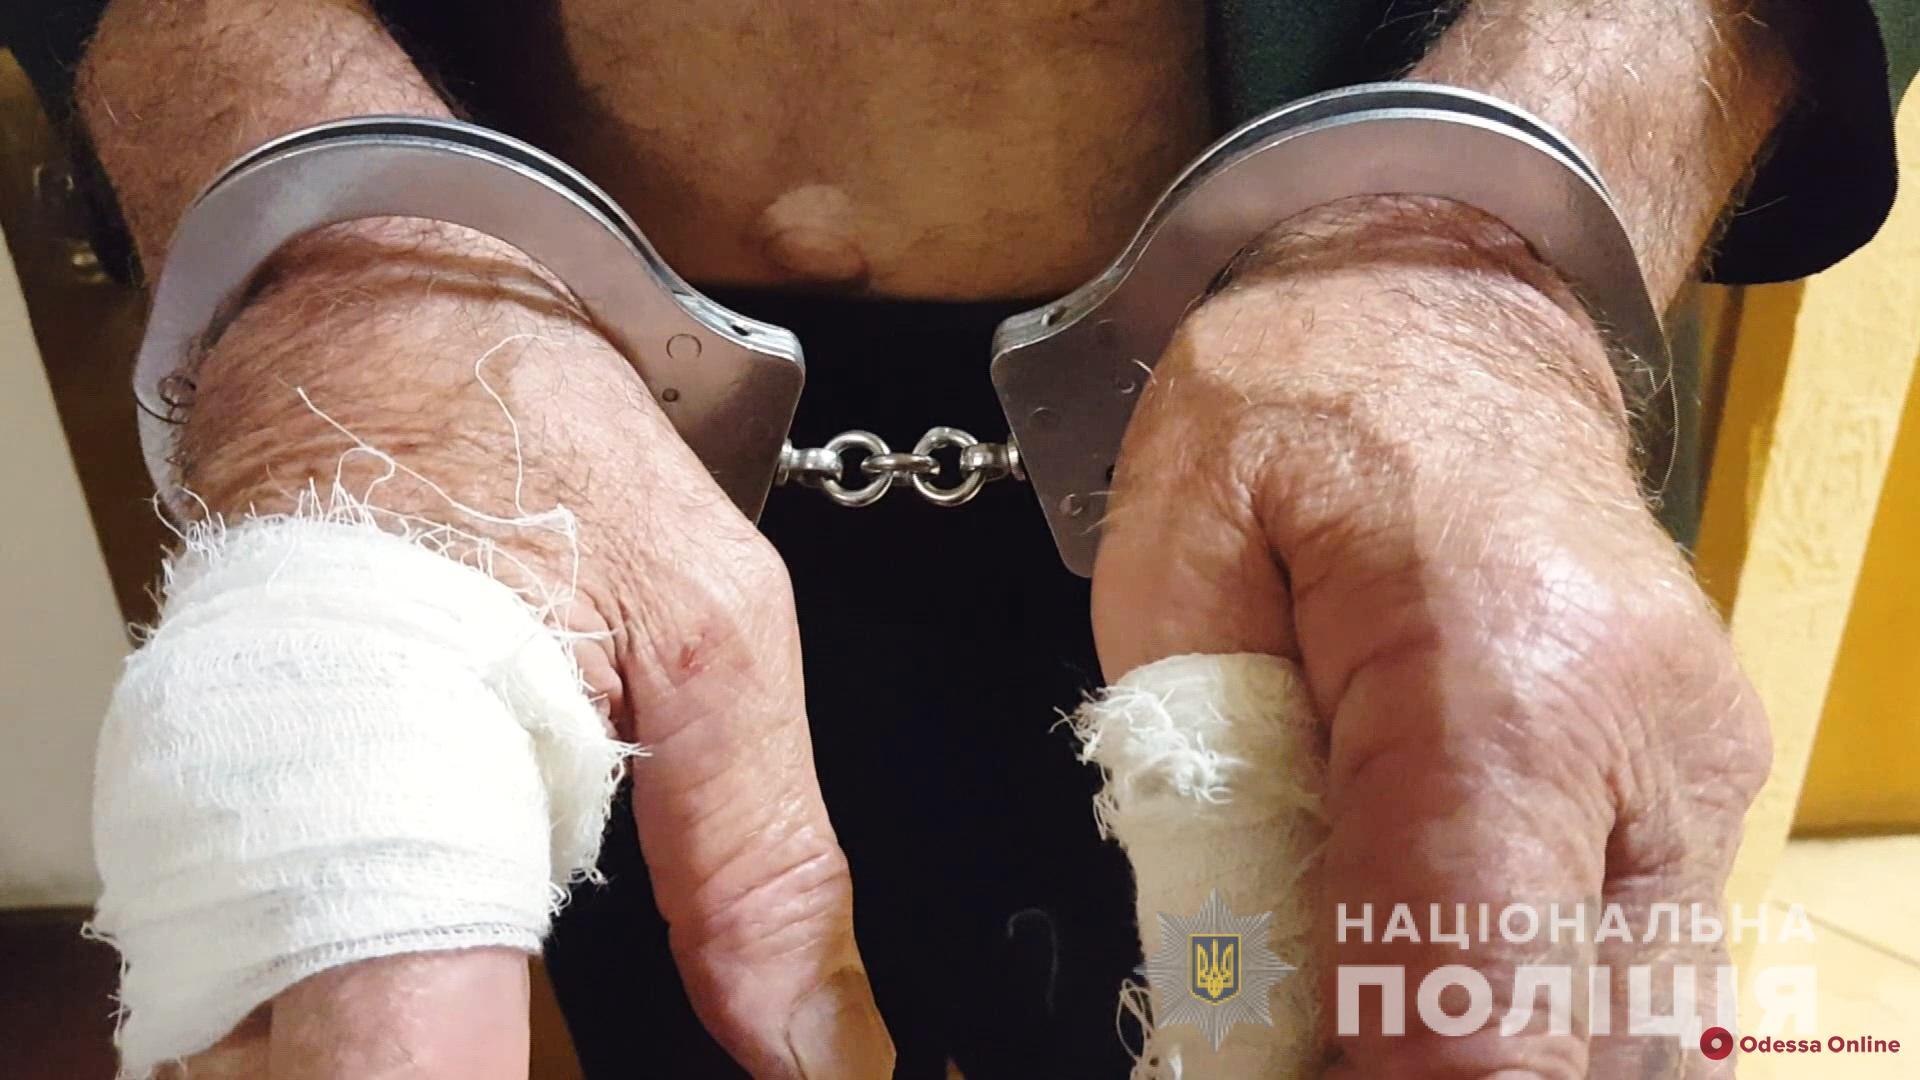 Планировал преступление больше года: стали известны подробности тройного убийства на Княжеской